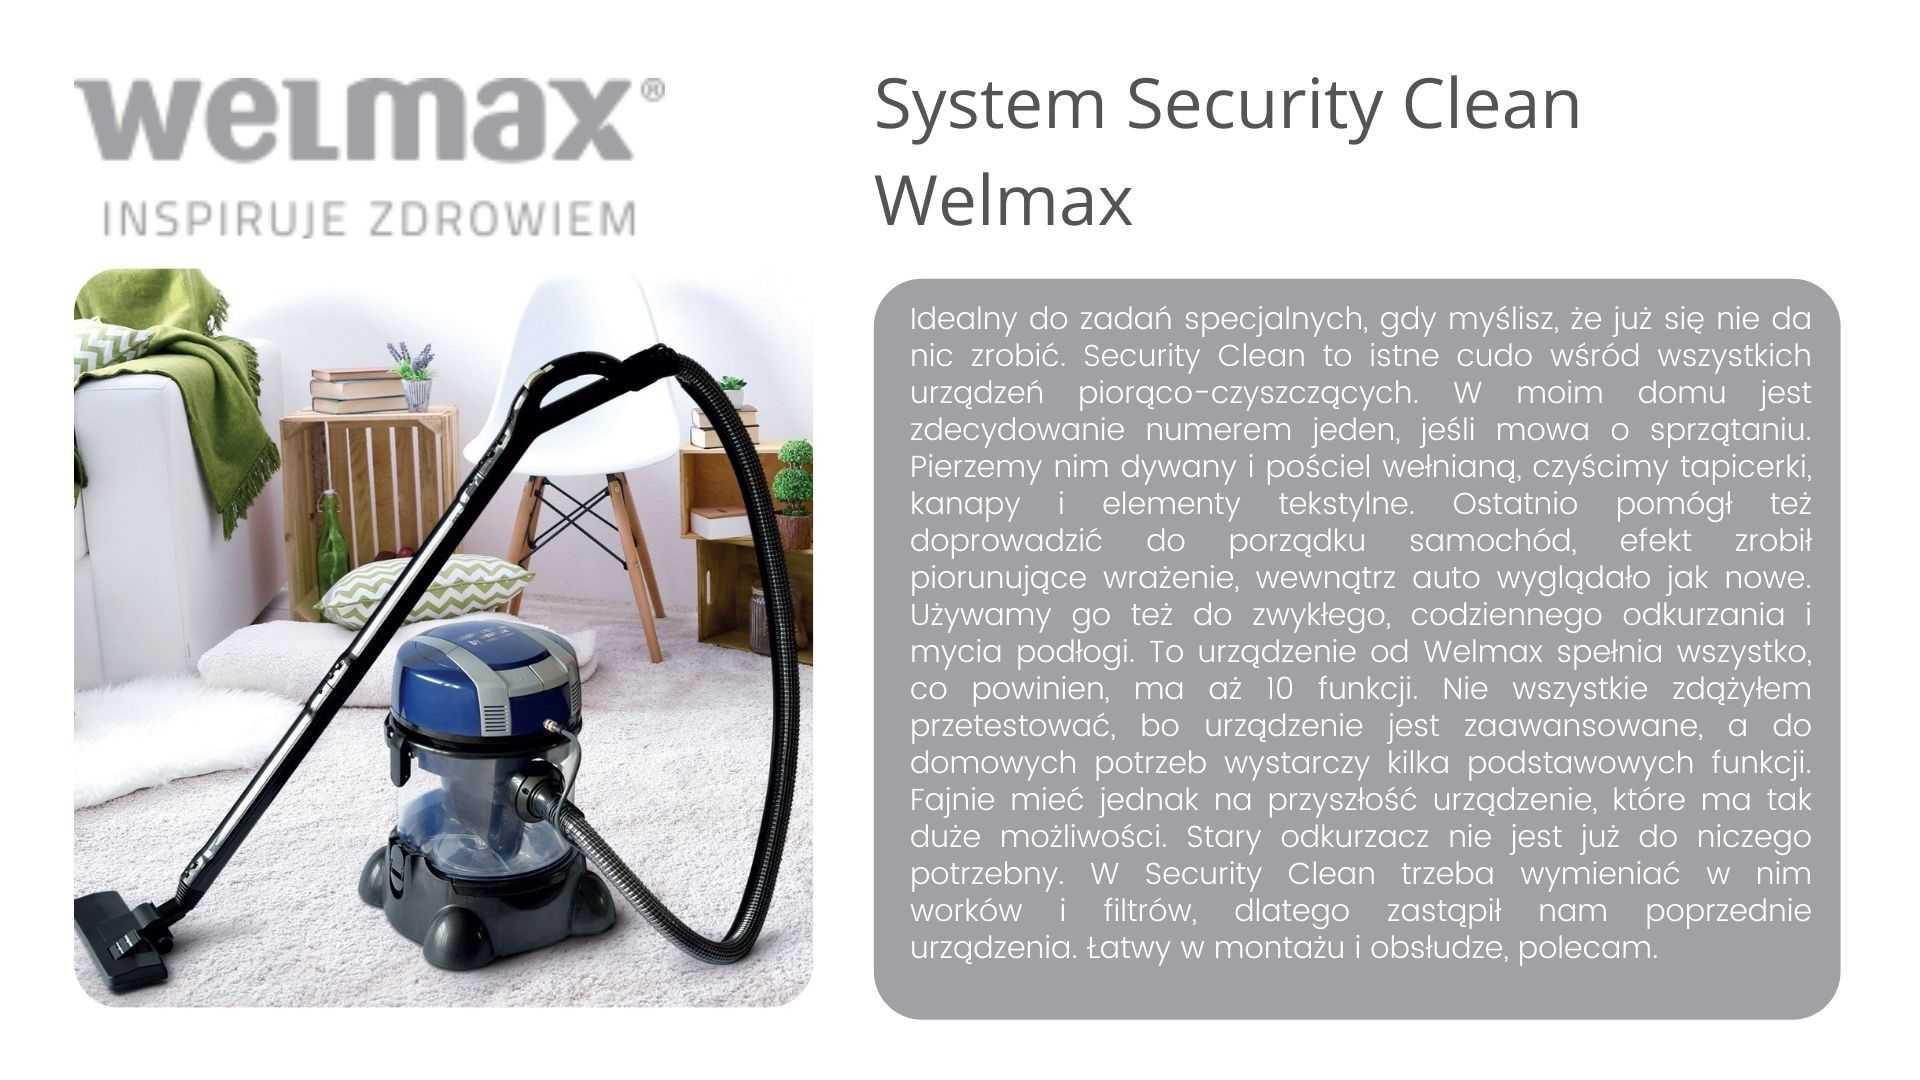 Security clean Welmax opinie 1